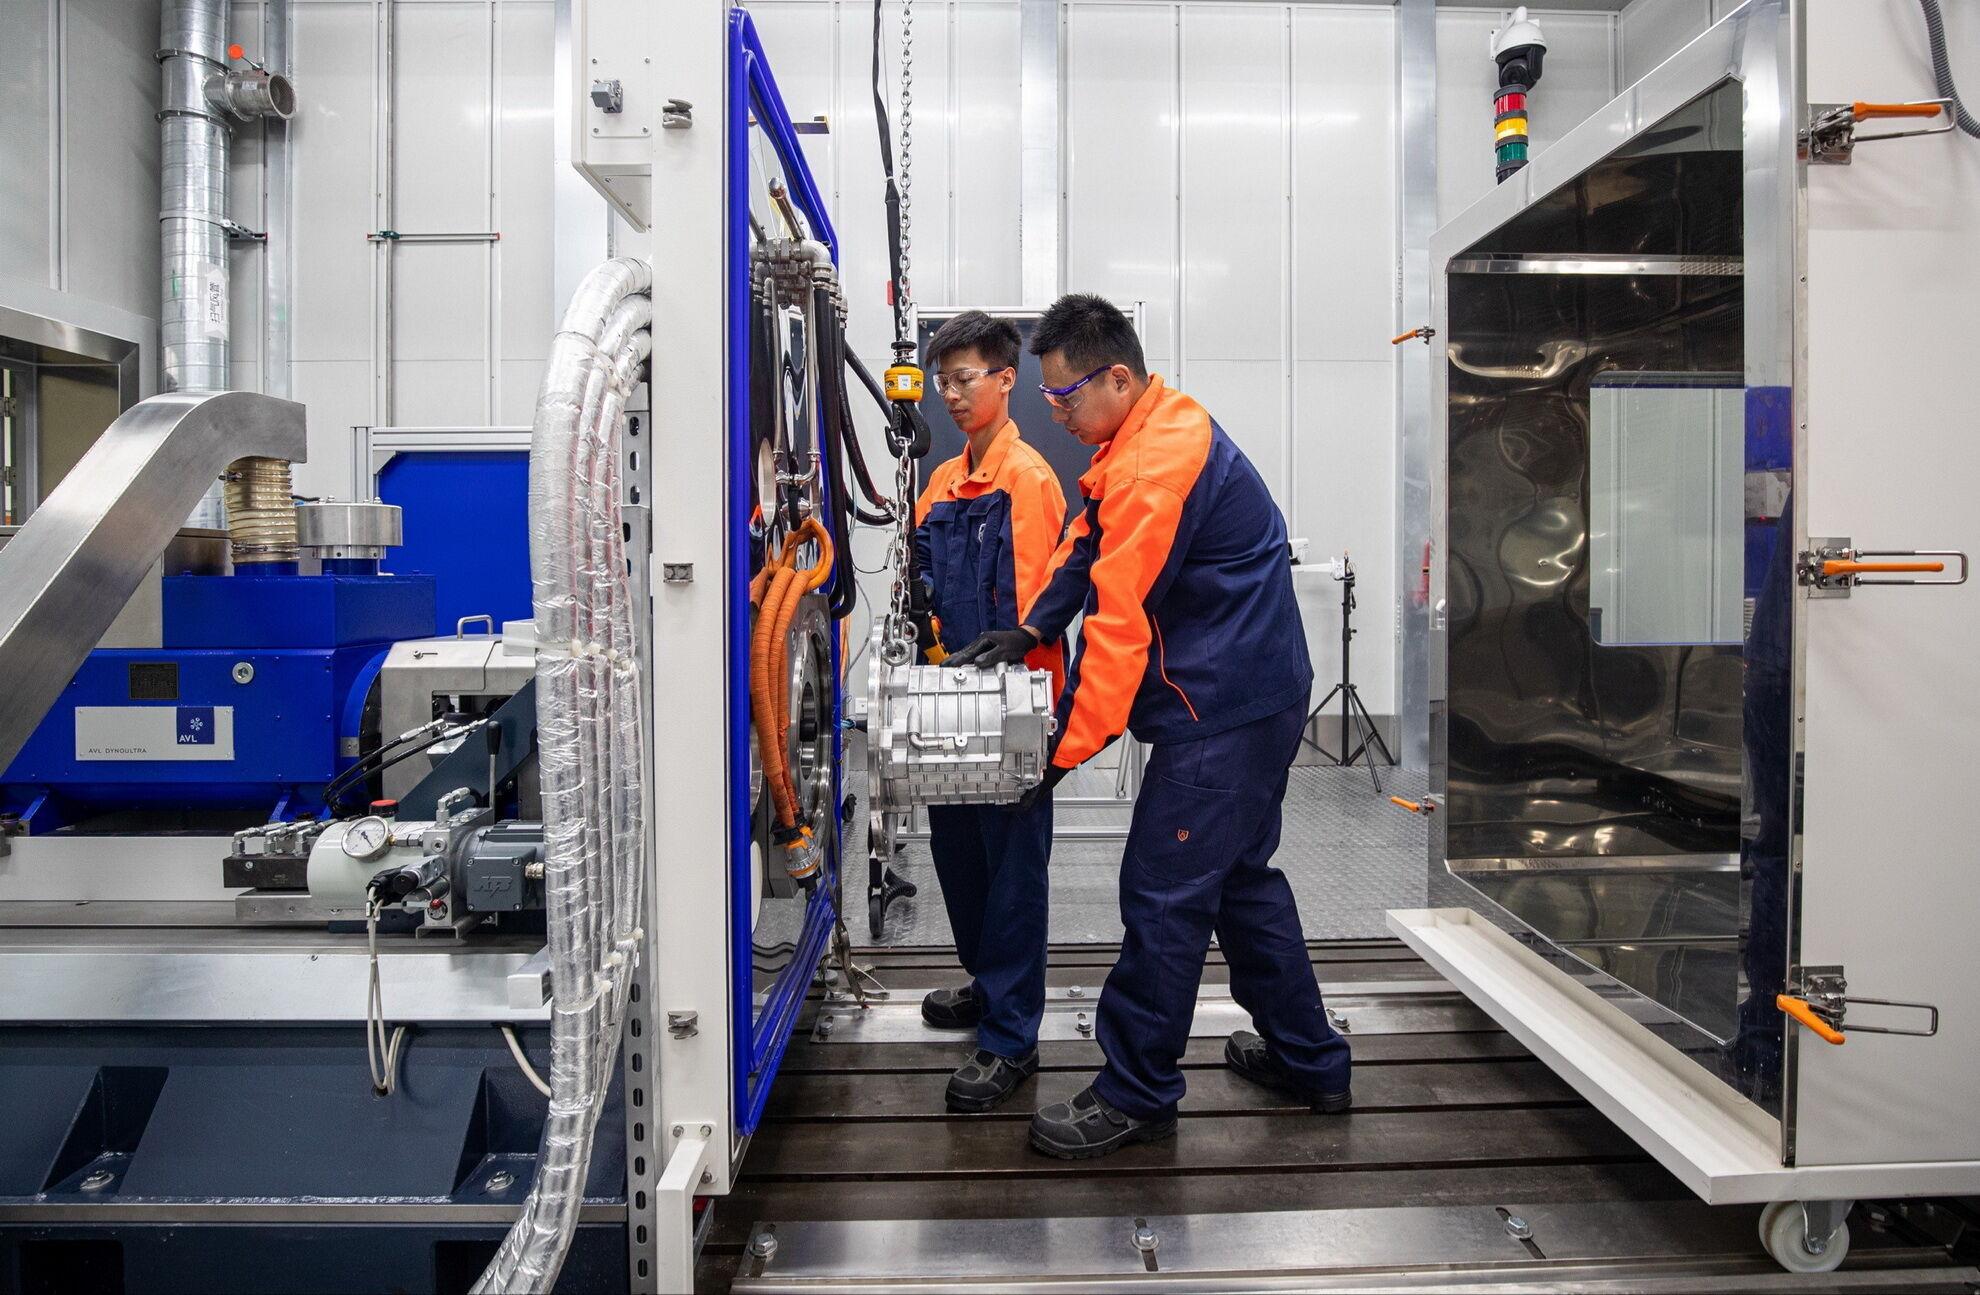 В рамках стратегии электрификации компания Volvo открыла в Шанхае новую лабораторию по разработке электрических моторов